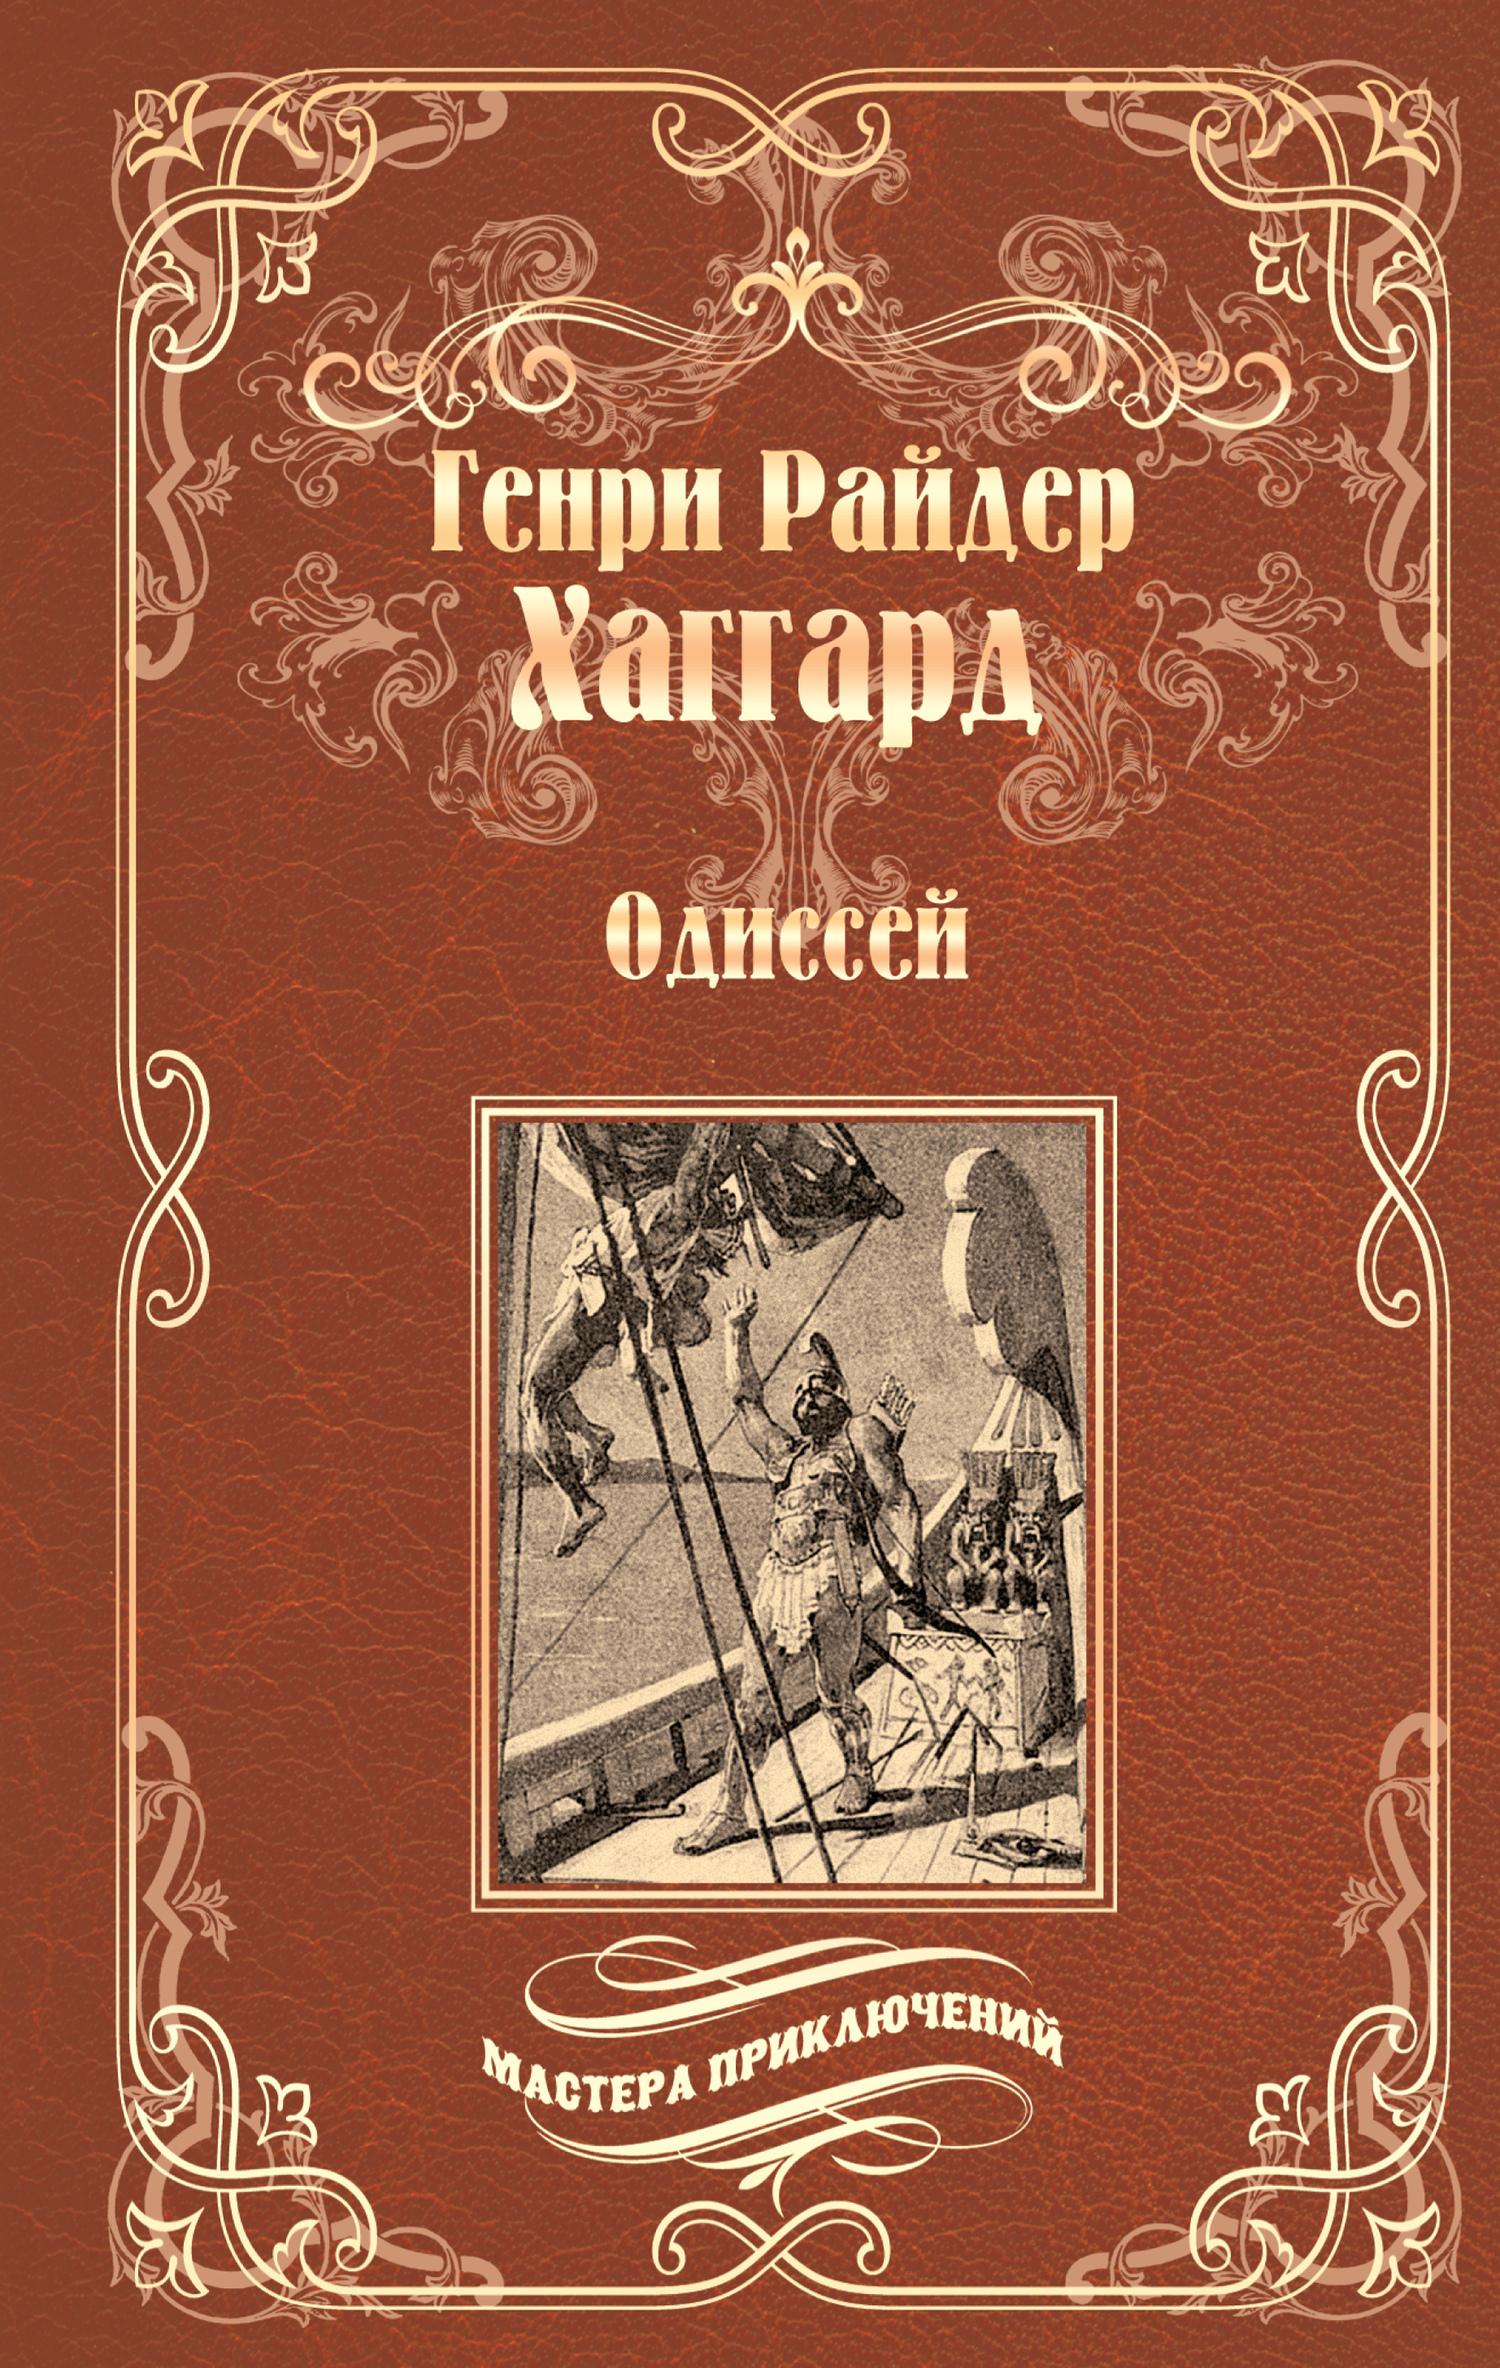 Генри Райдер Хаггард - Одиссей. Владычица Зари (сборник)